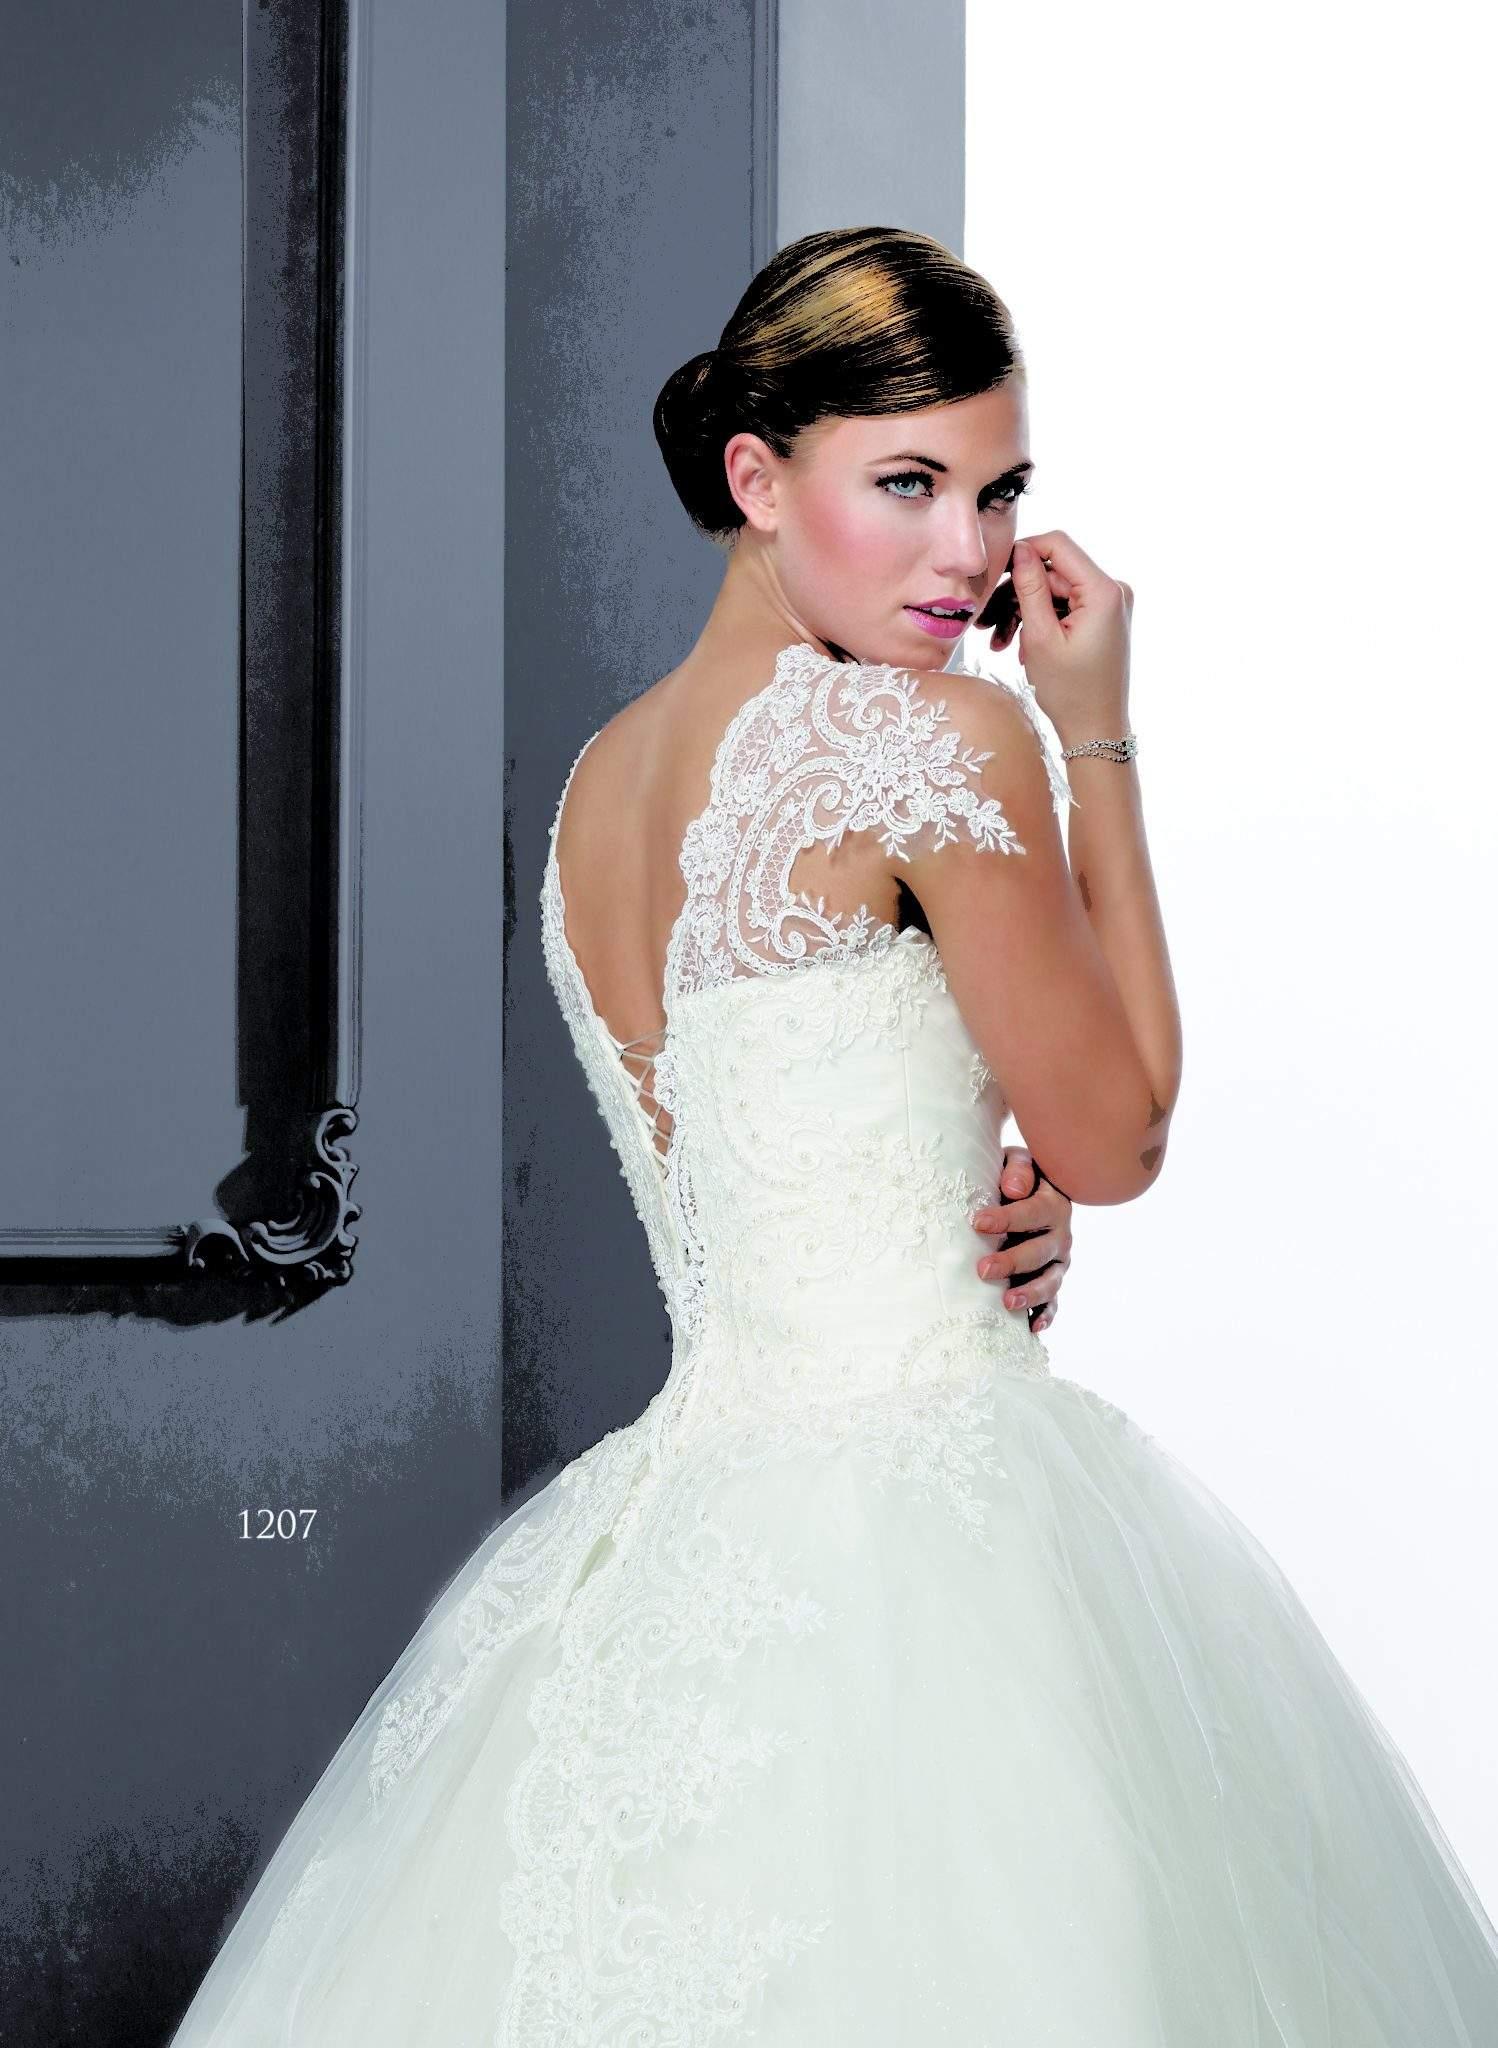 Flügelärmeln Hochzeit Ballkleider - Darius Cordell Fashion Ltd